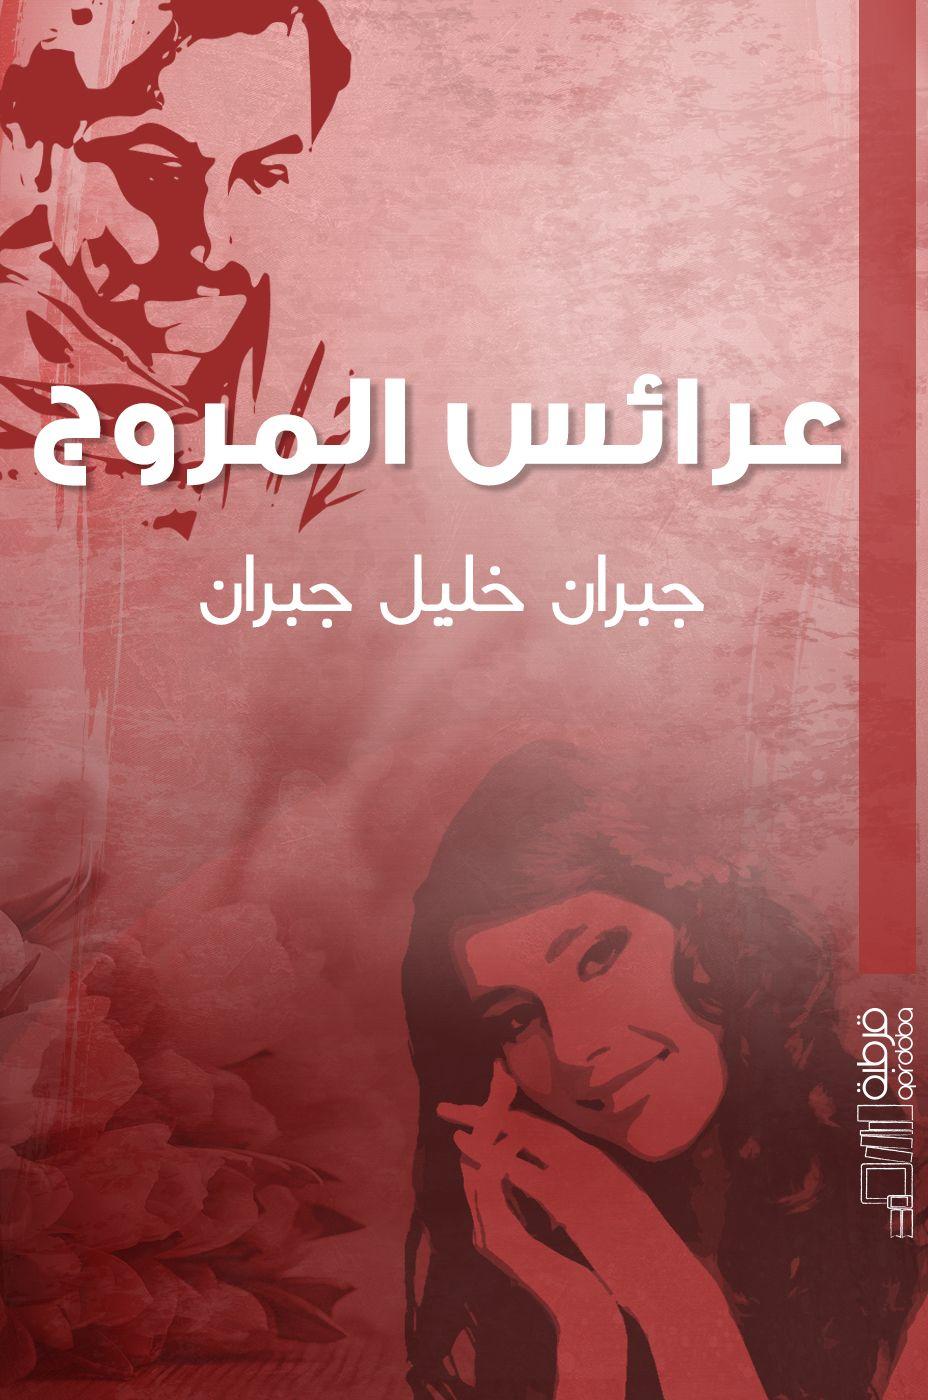 عرائس المروج / جبران خليل جبران يضم كتاب